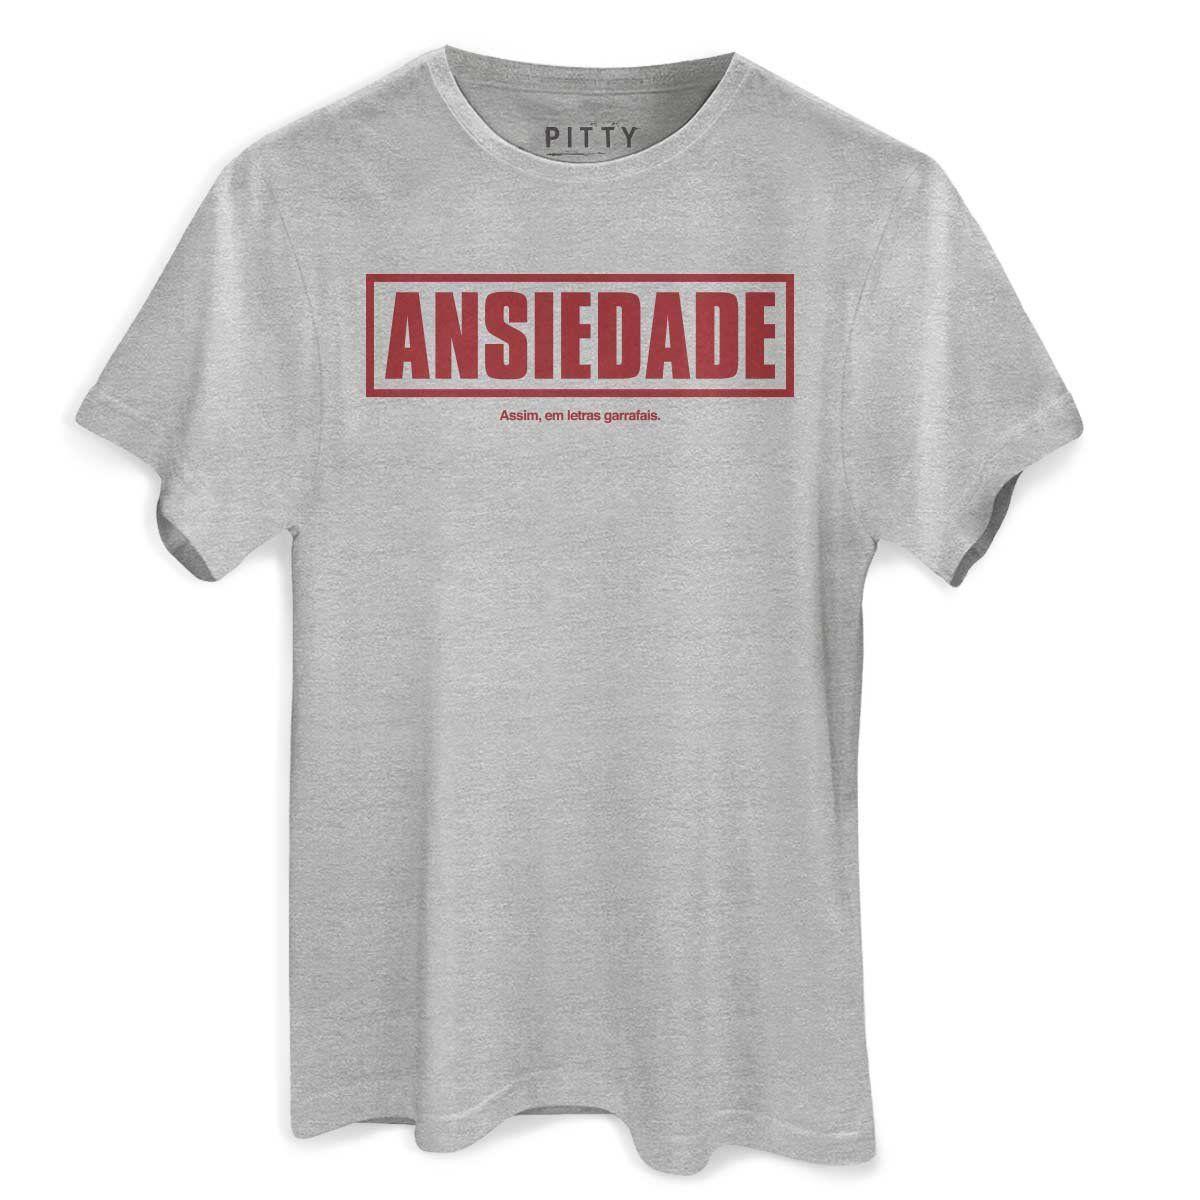 Camiseta Masculina Pitty Ansiedade  - bandUP Store Marketplace